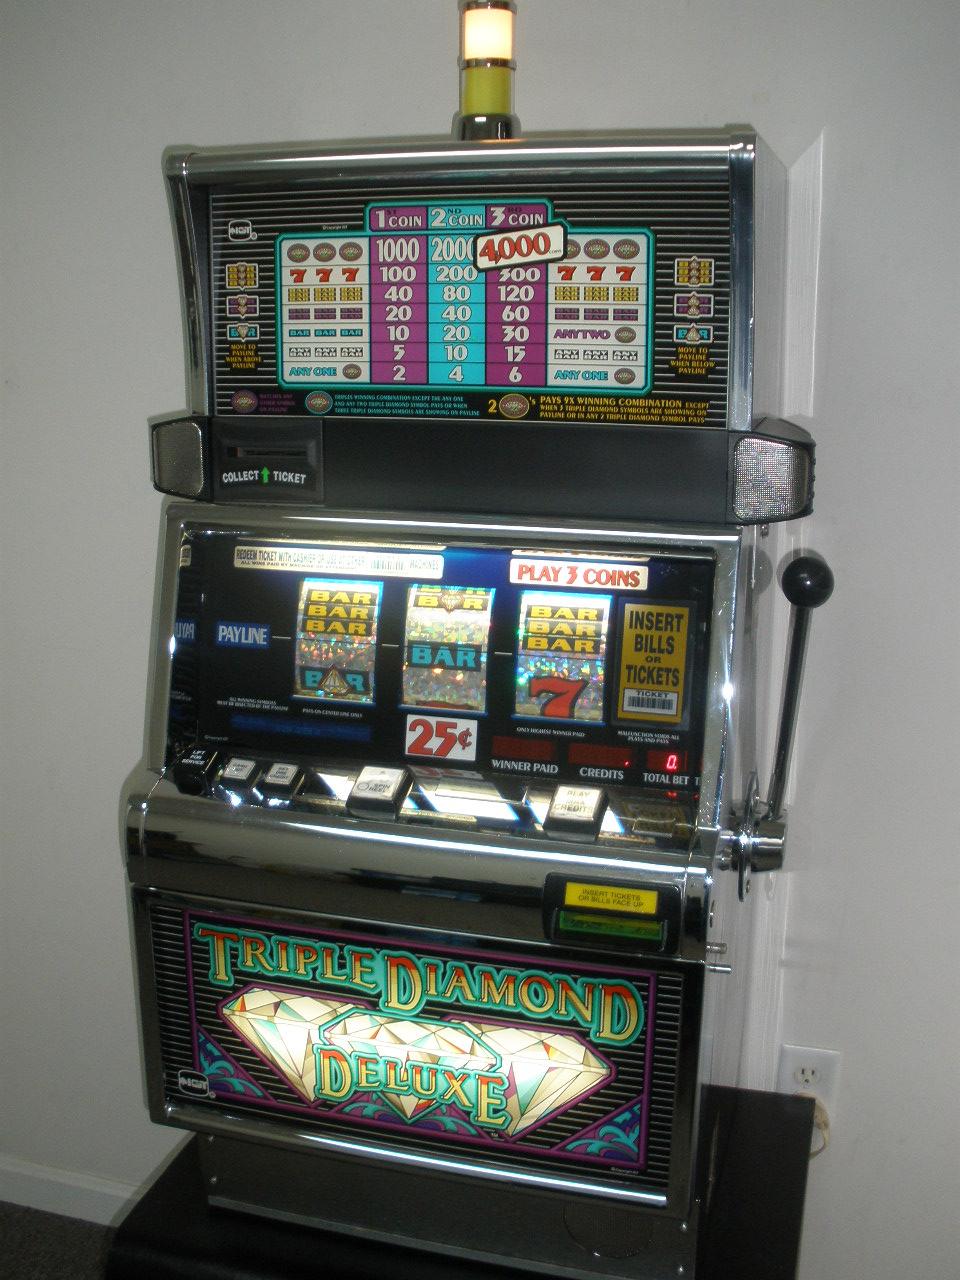 Regione casinò slot machine 267637